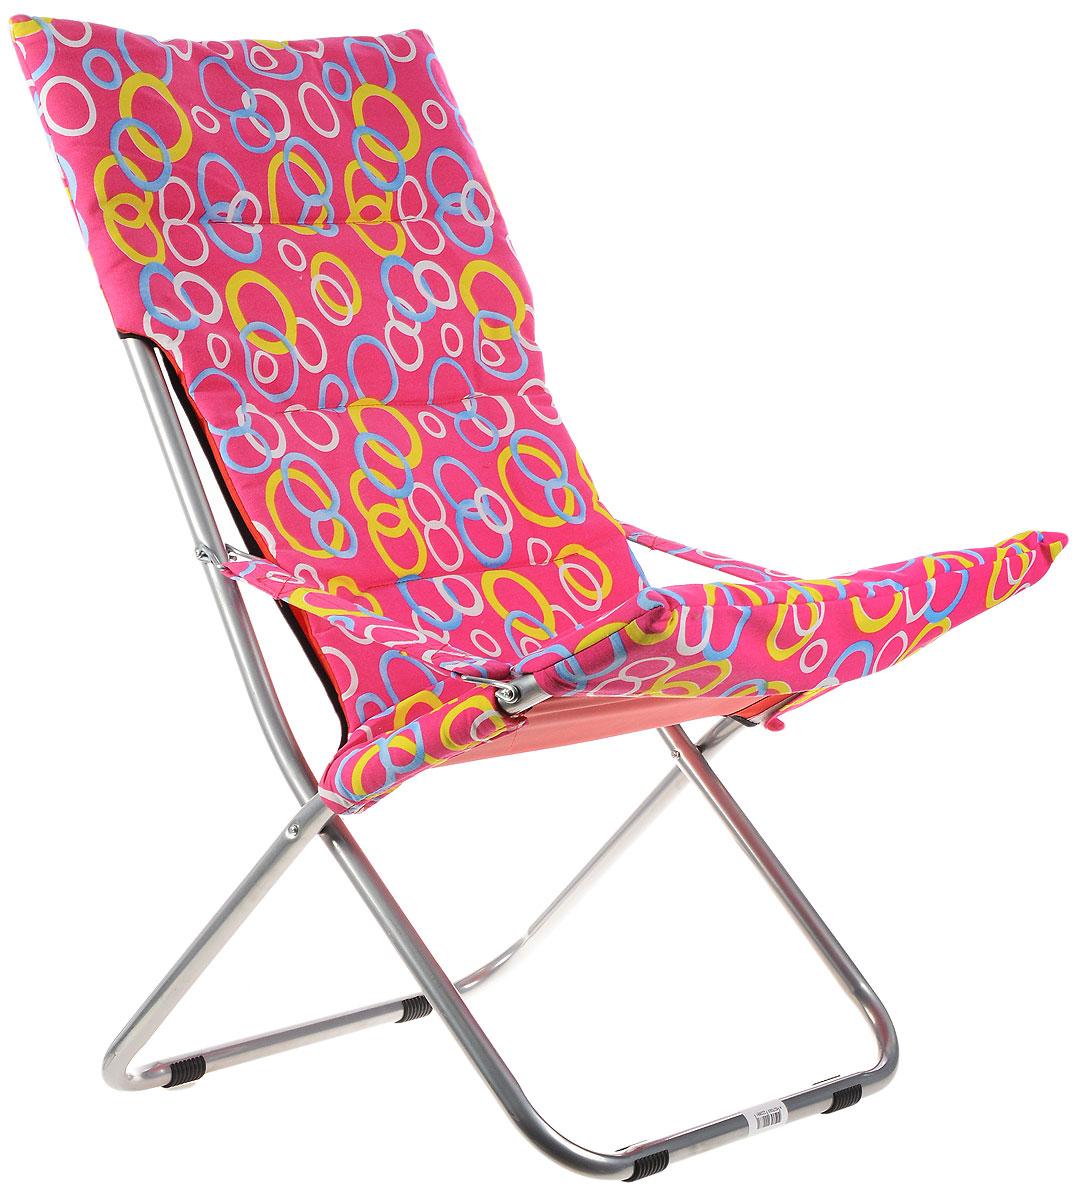 Кресло складное Wildman, цвет: розовый, желтый, синий, 73 х 60 х 100 см81-455_розовый,кружкиНа складном кресле Wildman можно удобно расположиться в тени деревьев, отдохнуть в приятной прохладе летнего вечера.В использовании такое кресло достойно самых лучших похвал. Кресло выполнено из текстиля, каркас металлический. Мягкий съемный чехол с наполнителем из синтепона крепится на кресло при помощи застежек-липучек. В сложенном виде кресло удобно для хранения и переноски.